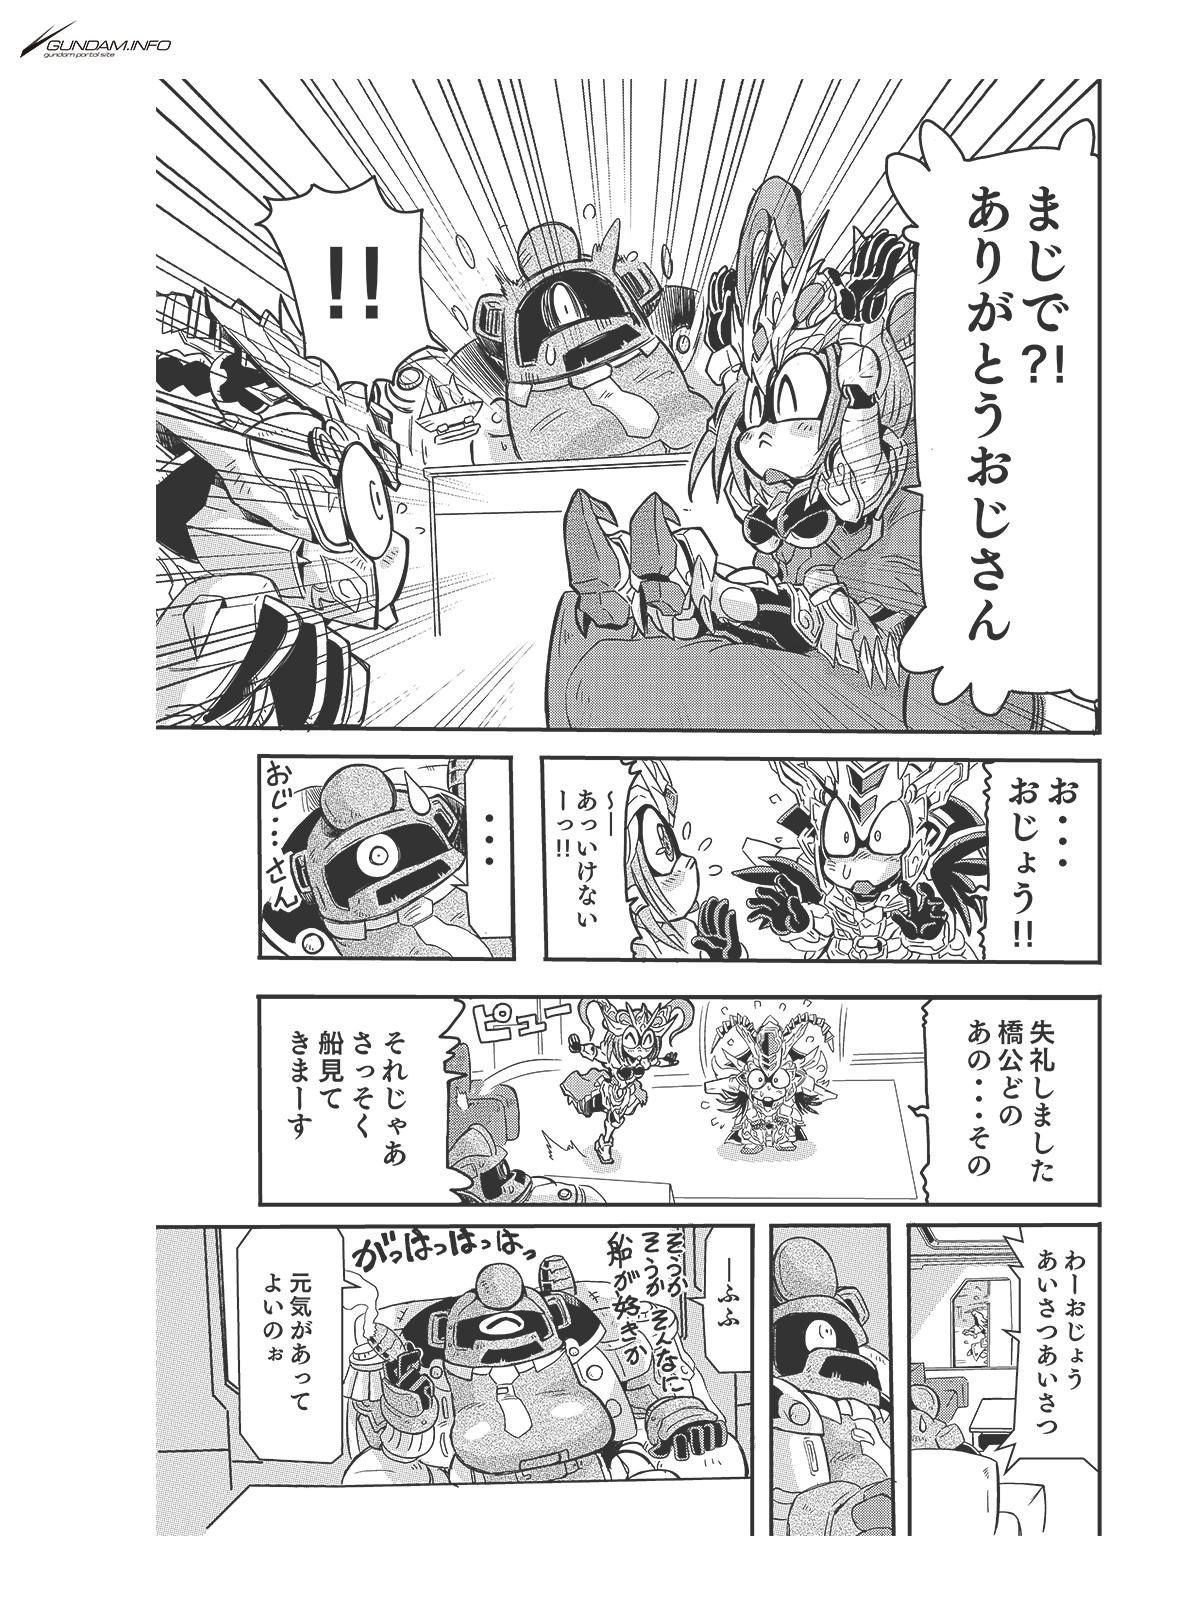 SDガンダムワールド 三国創傑伝 焔虎譚 第5話 P5